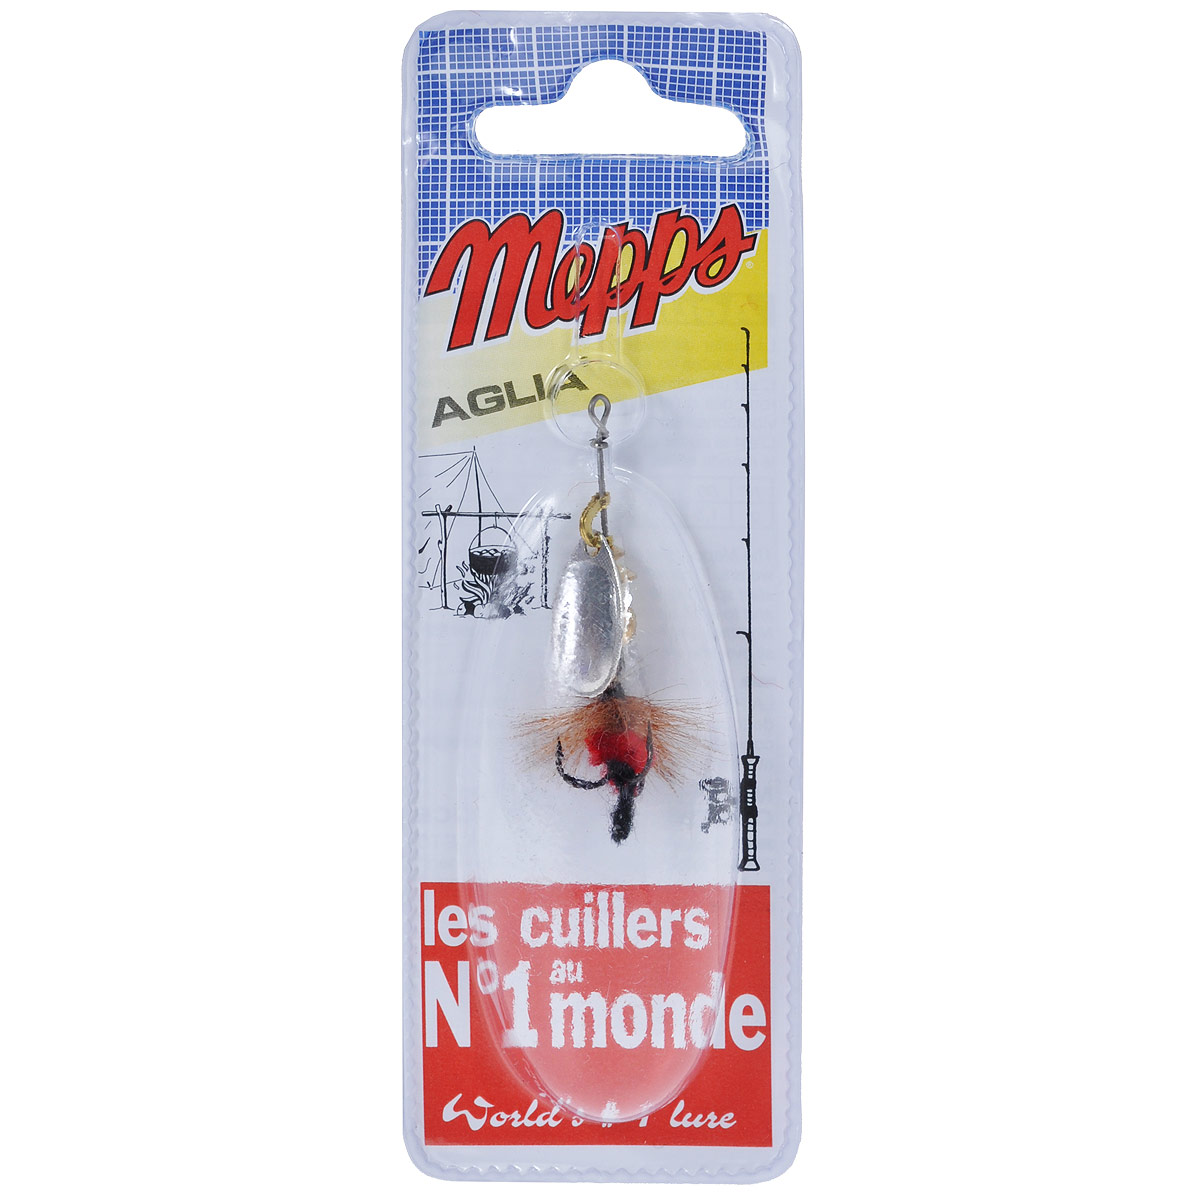 Блесна Mepps Aglia AG Mouch. Rouge, вращающаяся, №0065SDR/058Вращающаяся блесна Mepps Aglia AG Mouch. Rouge оснащена мушкой из натурального беличьего хвоста, это очень эффективные приманки для ловли жереха, голавля, язя, окуня и других видов рыб, особенно в периоды массового вылета насекомых.Aglia Mouche - некрупная блесна, которая особенно подходит для летней ловли рыбы (особенно осторожной) на мелководье.